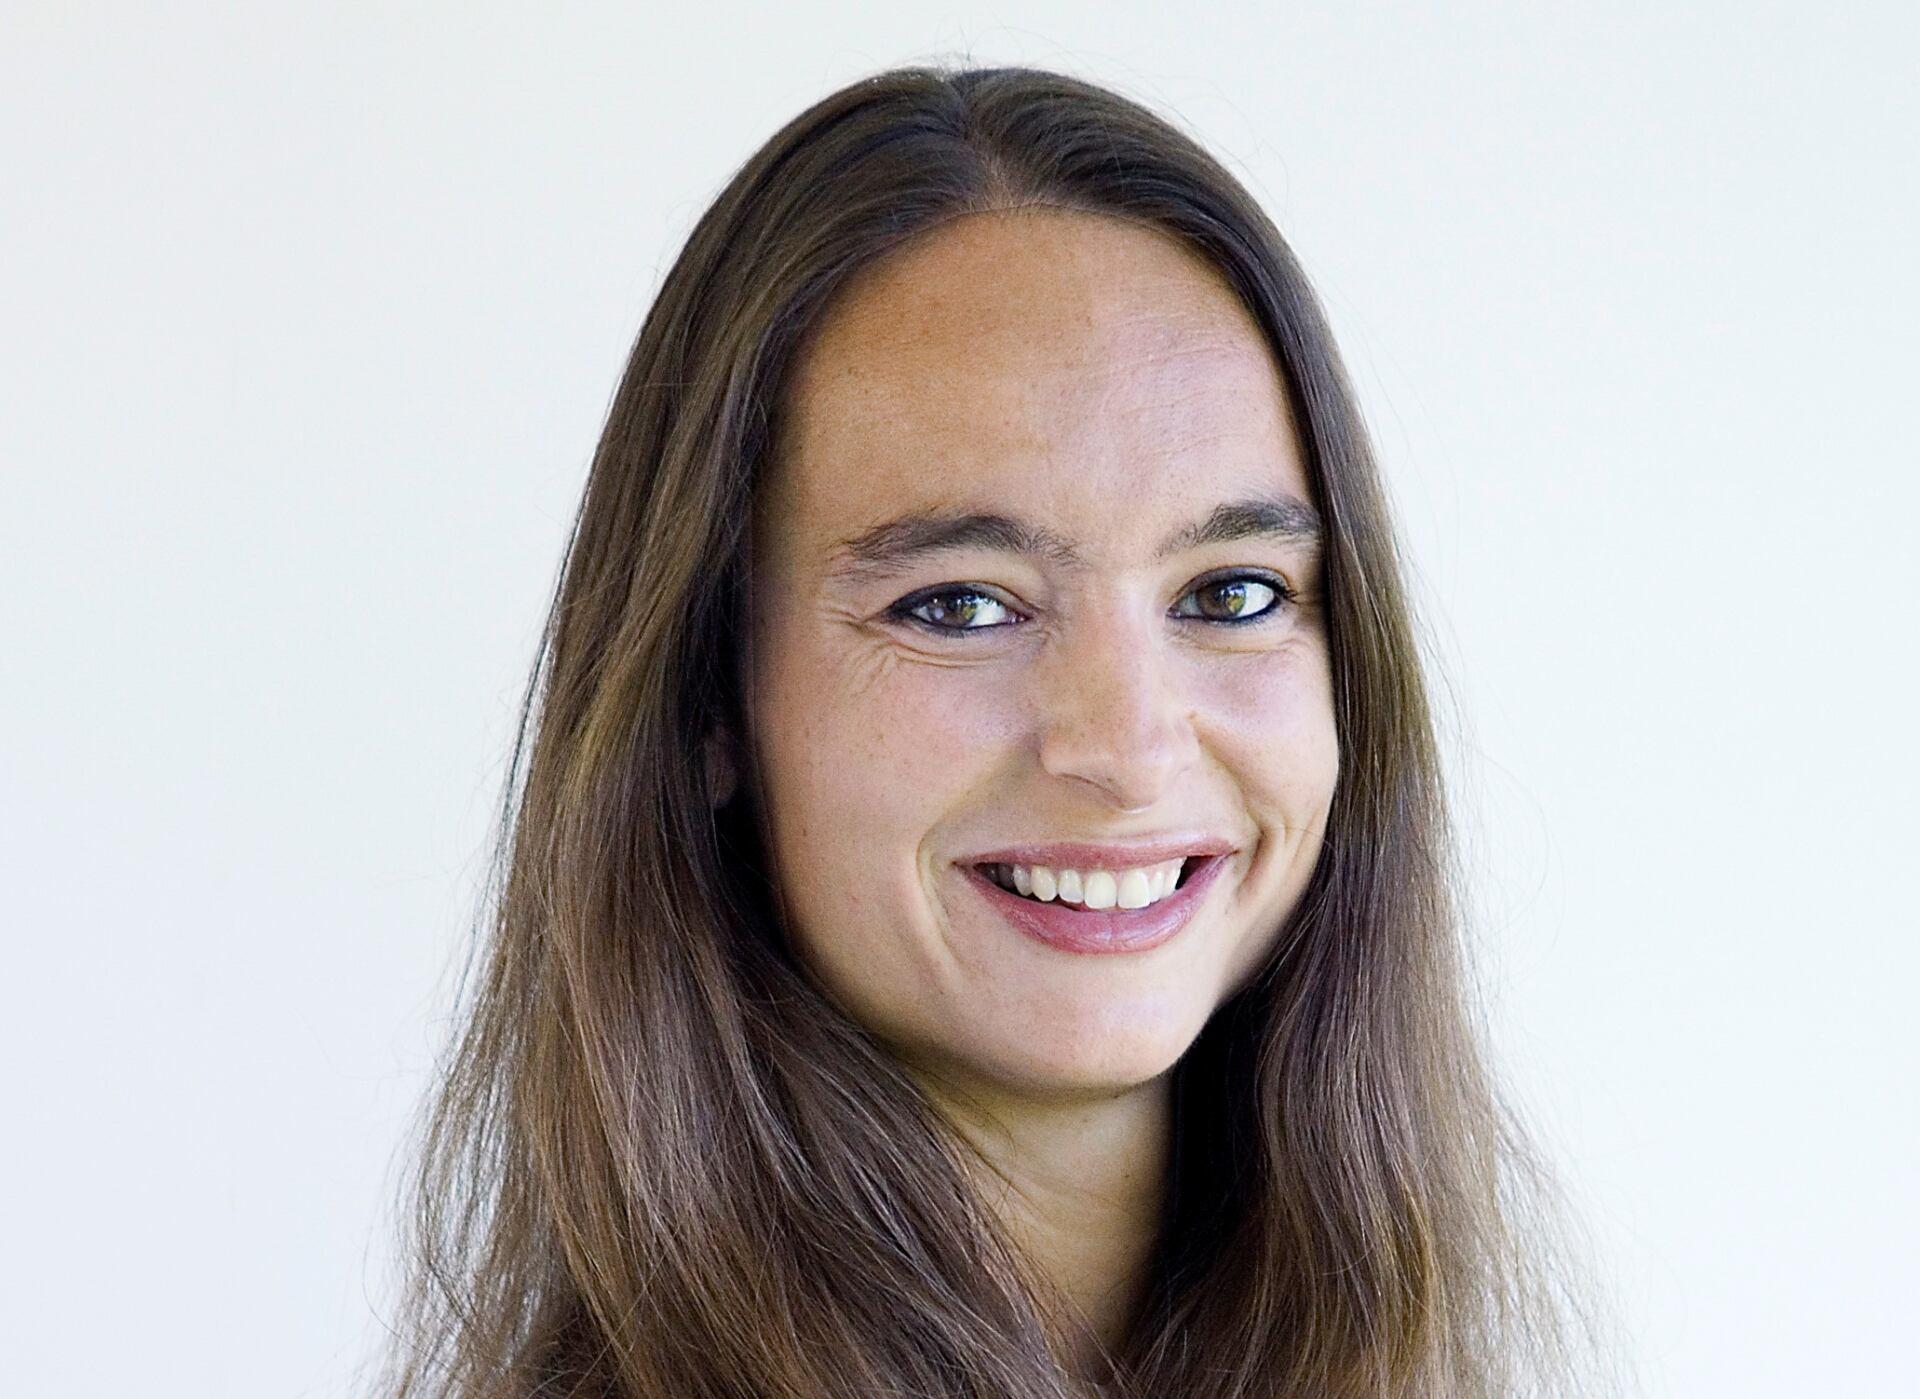 Marijn Kingma over 'dansen met Janssen' en mogelijke massaclaims - Mr. online